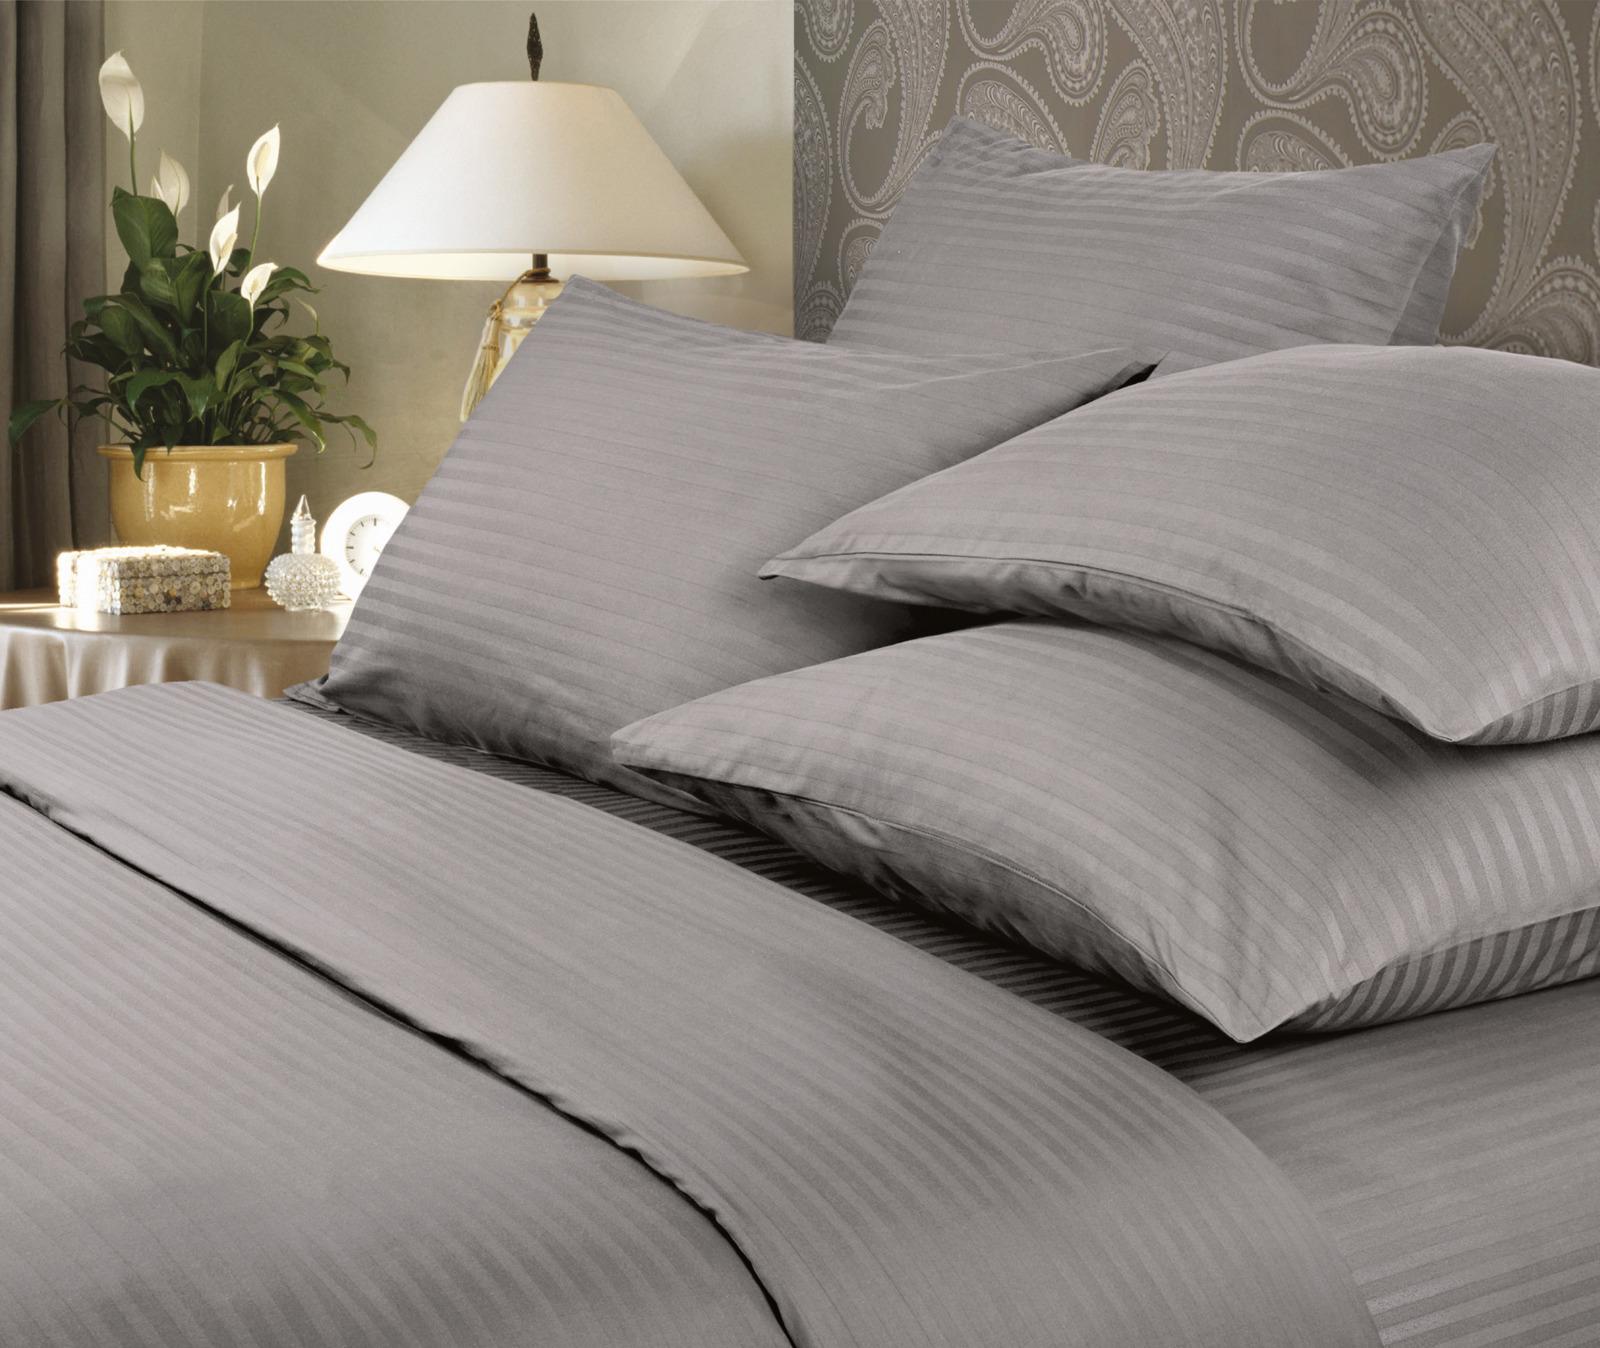 Комплект белья Verossa Gray, 2-спальный, наволочки 70x70 комплект белья verossa gray 2 спальный наволочки 70x70